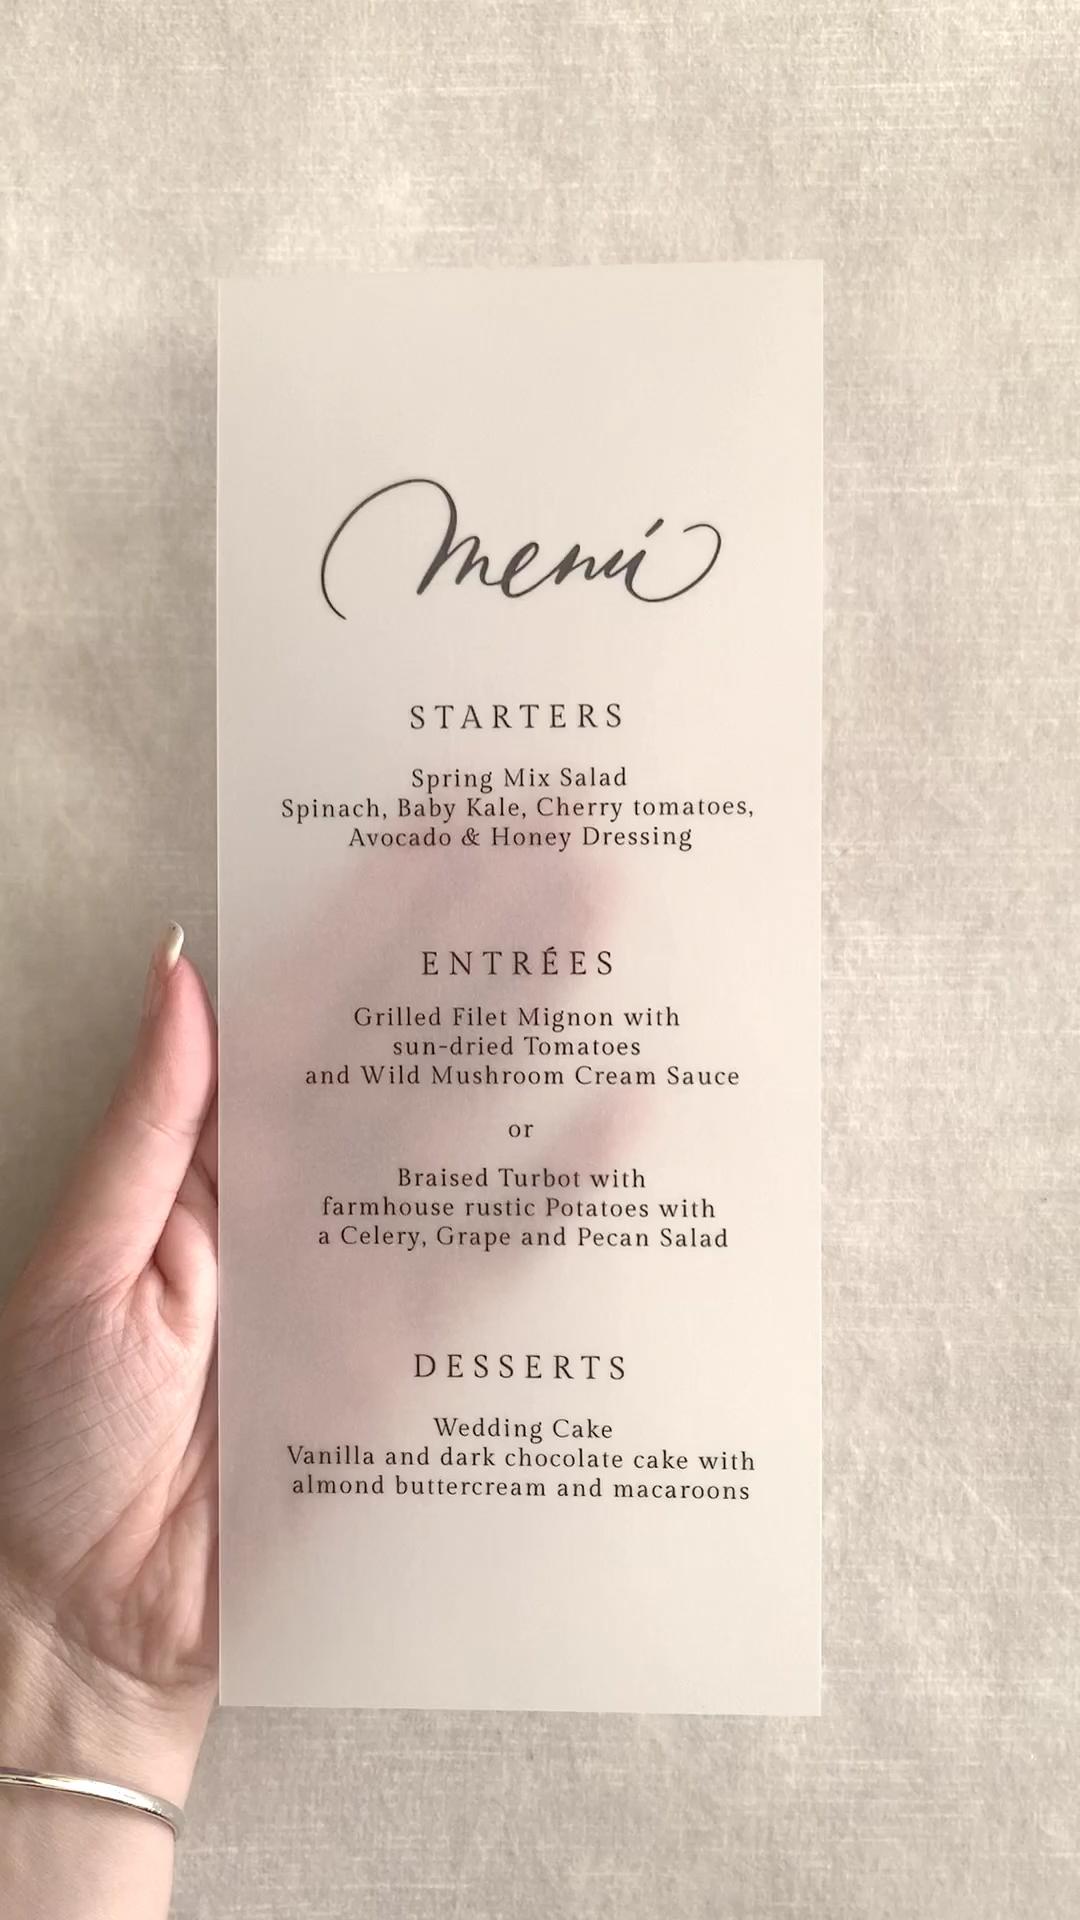 vellum wedding menu cards in 2020 Wedding menu, Menu